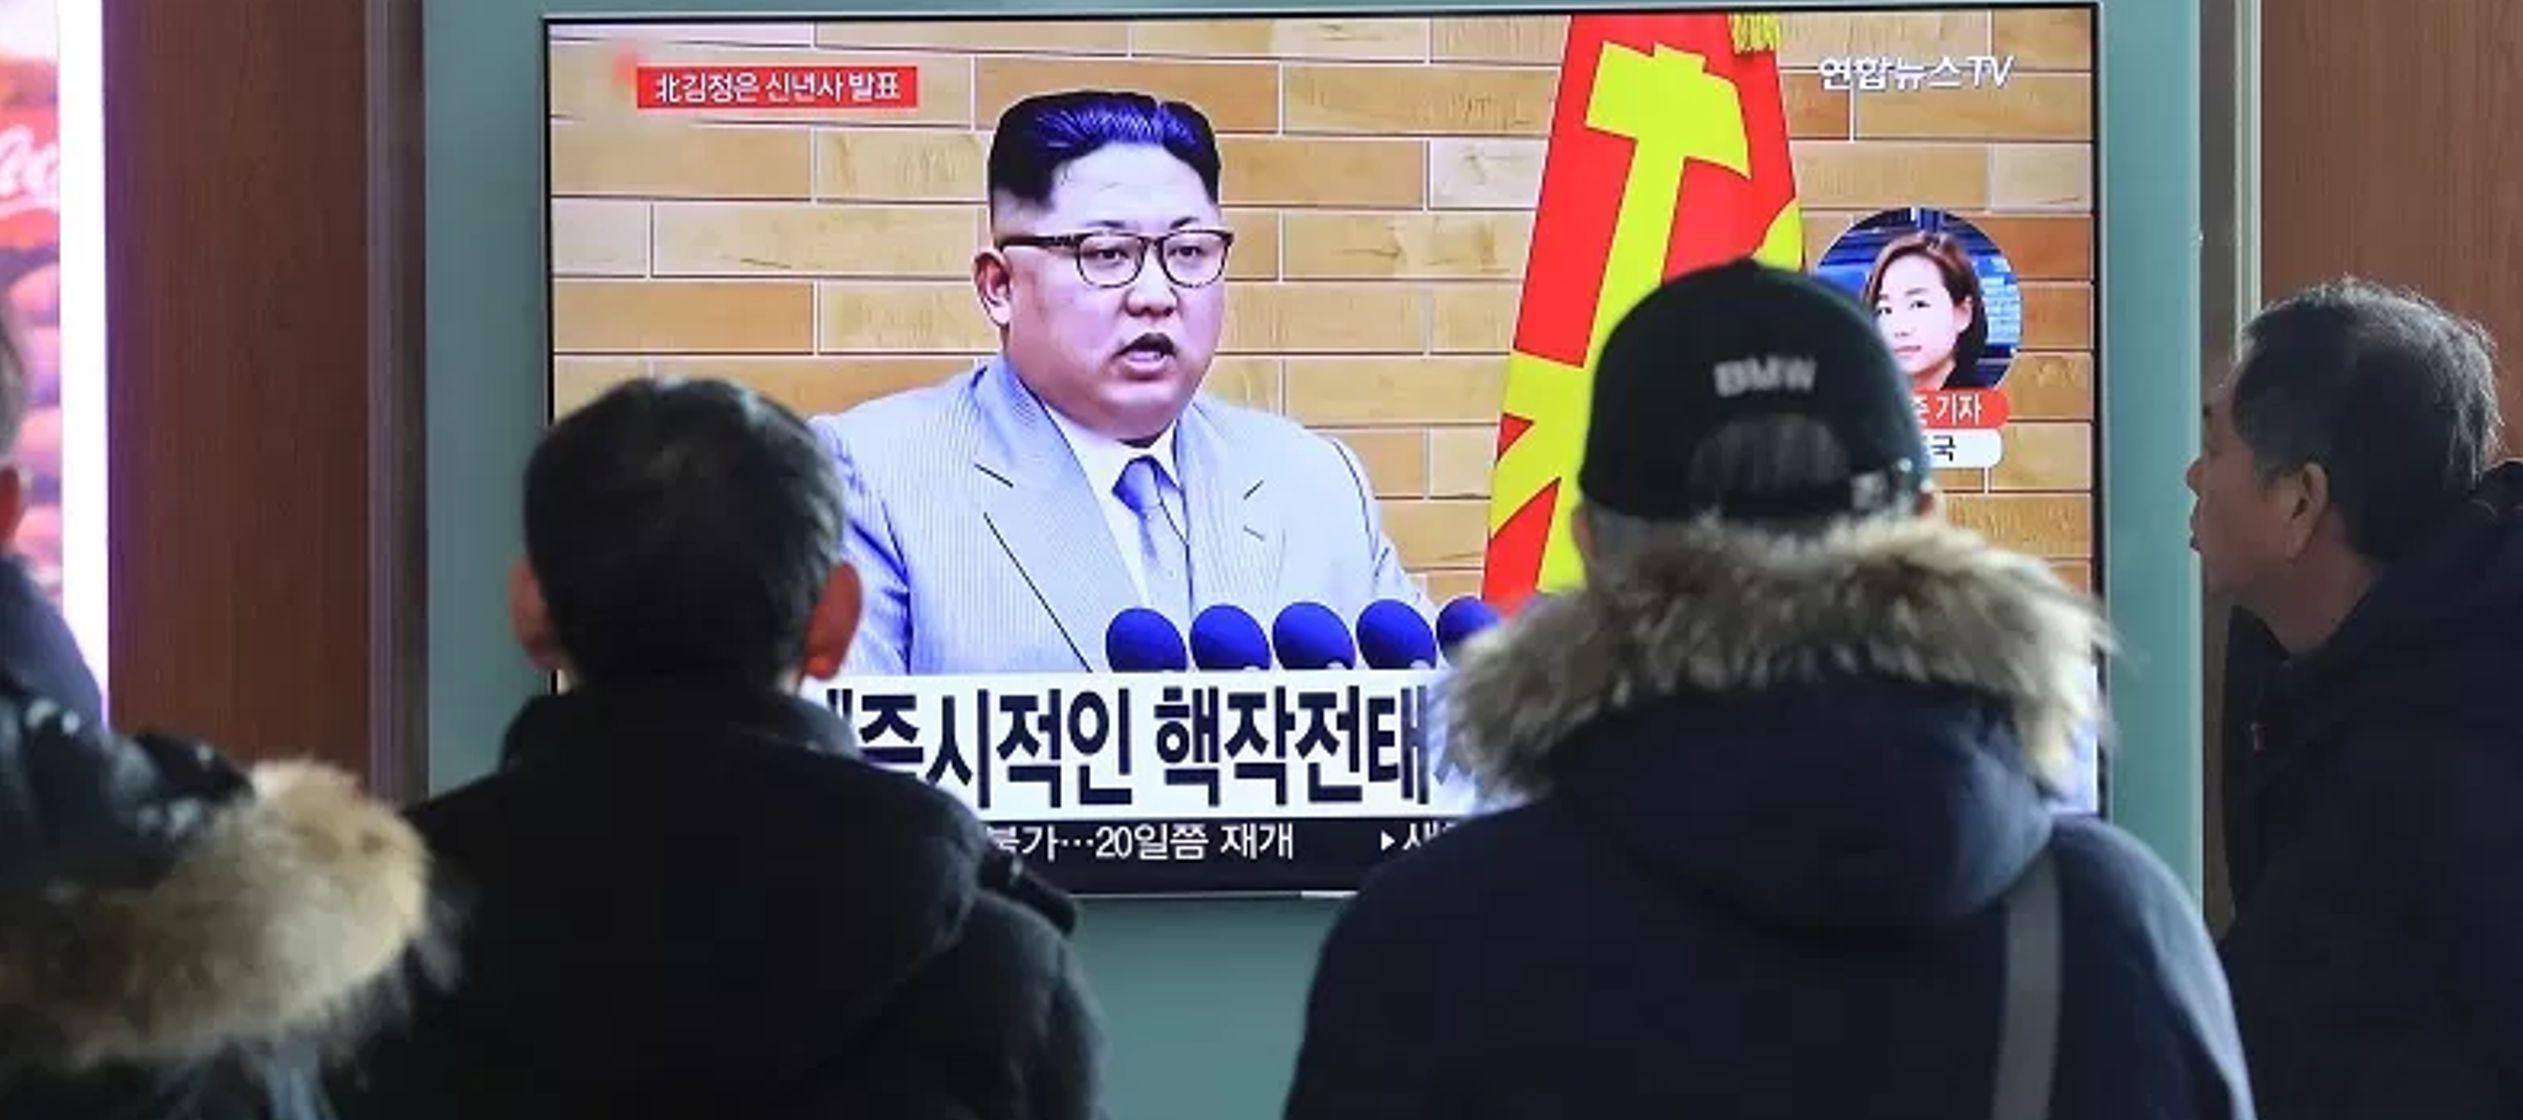 Sin embargo, según Nauert, mediado el día de hoy, los norcoreanos...